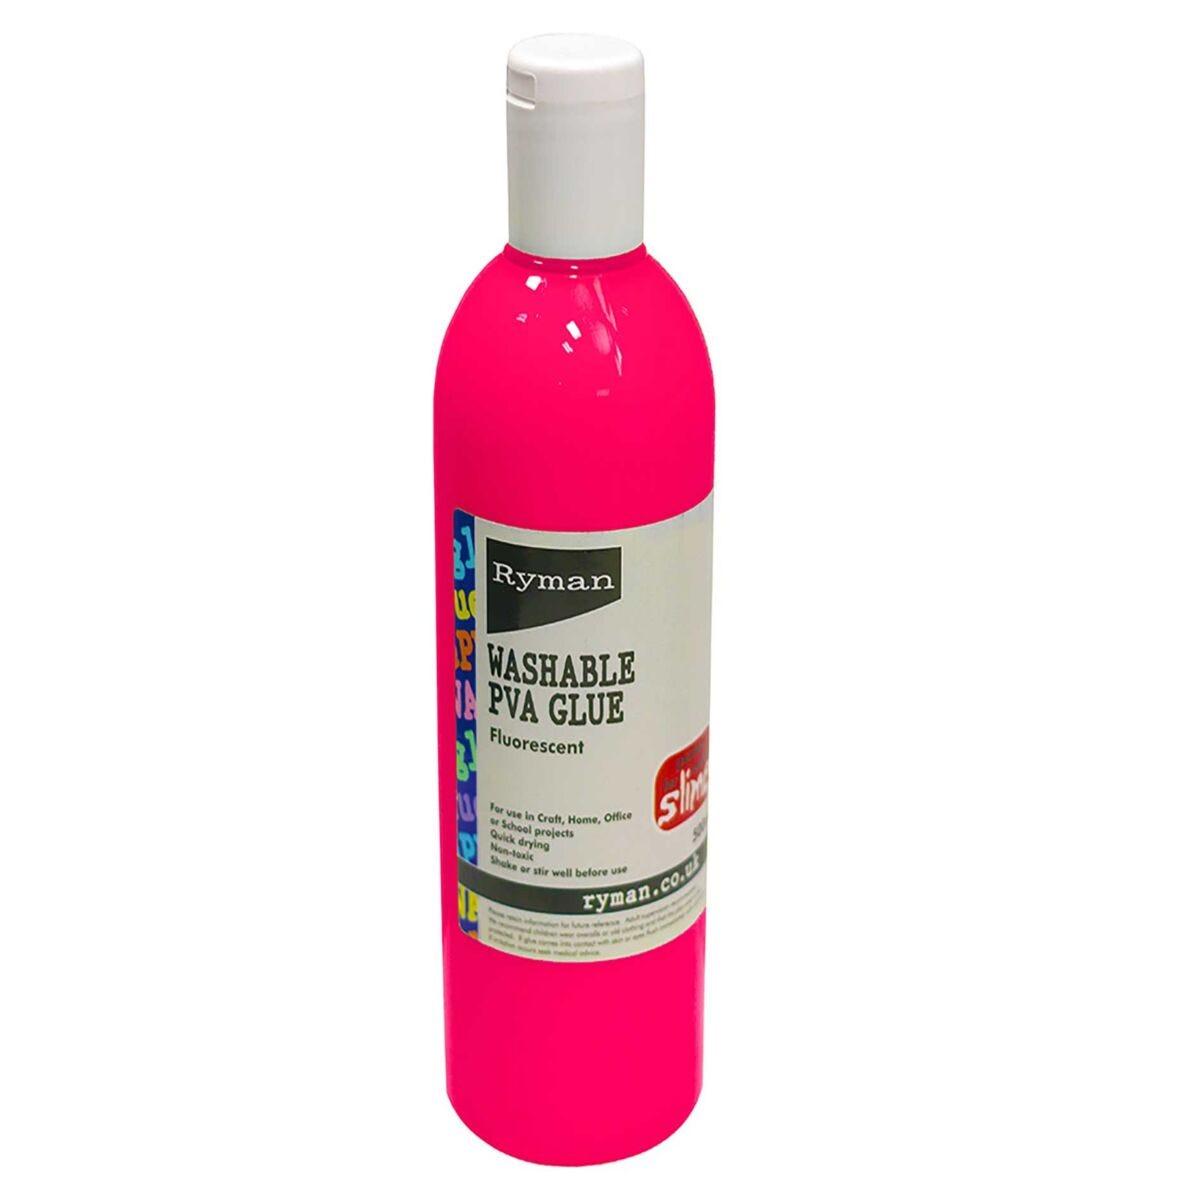 Ryman PVA Glue Washable Colour 500ml Pink